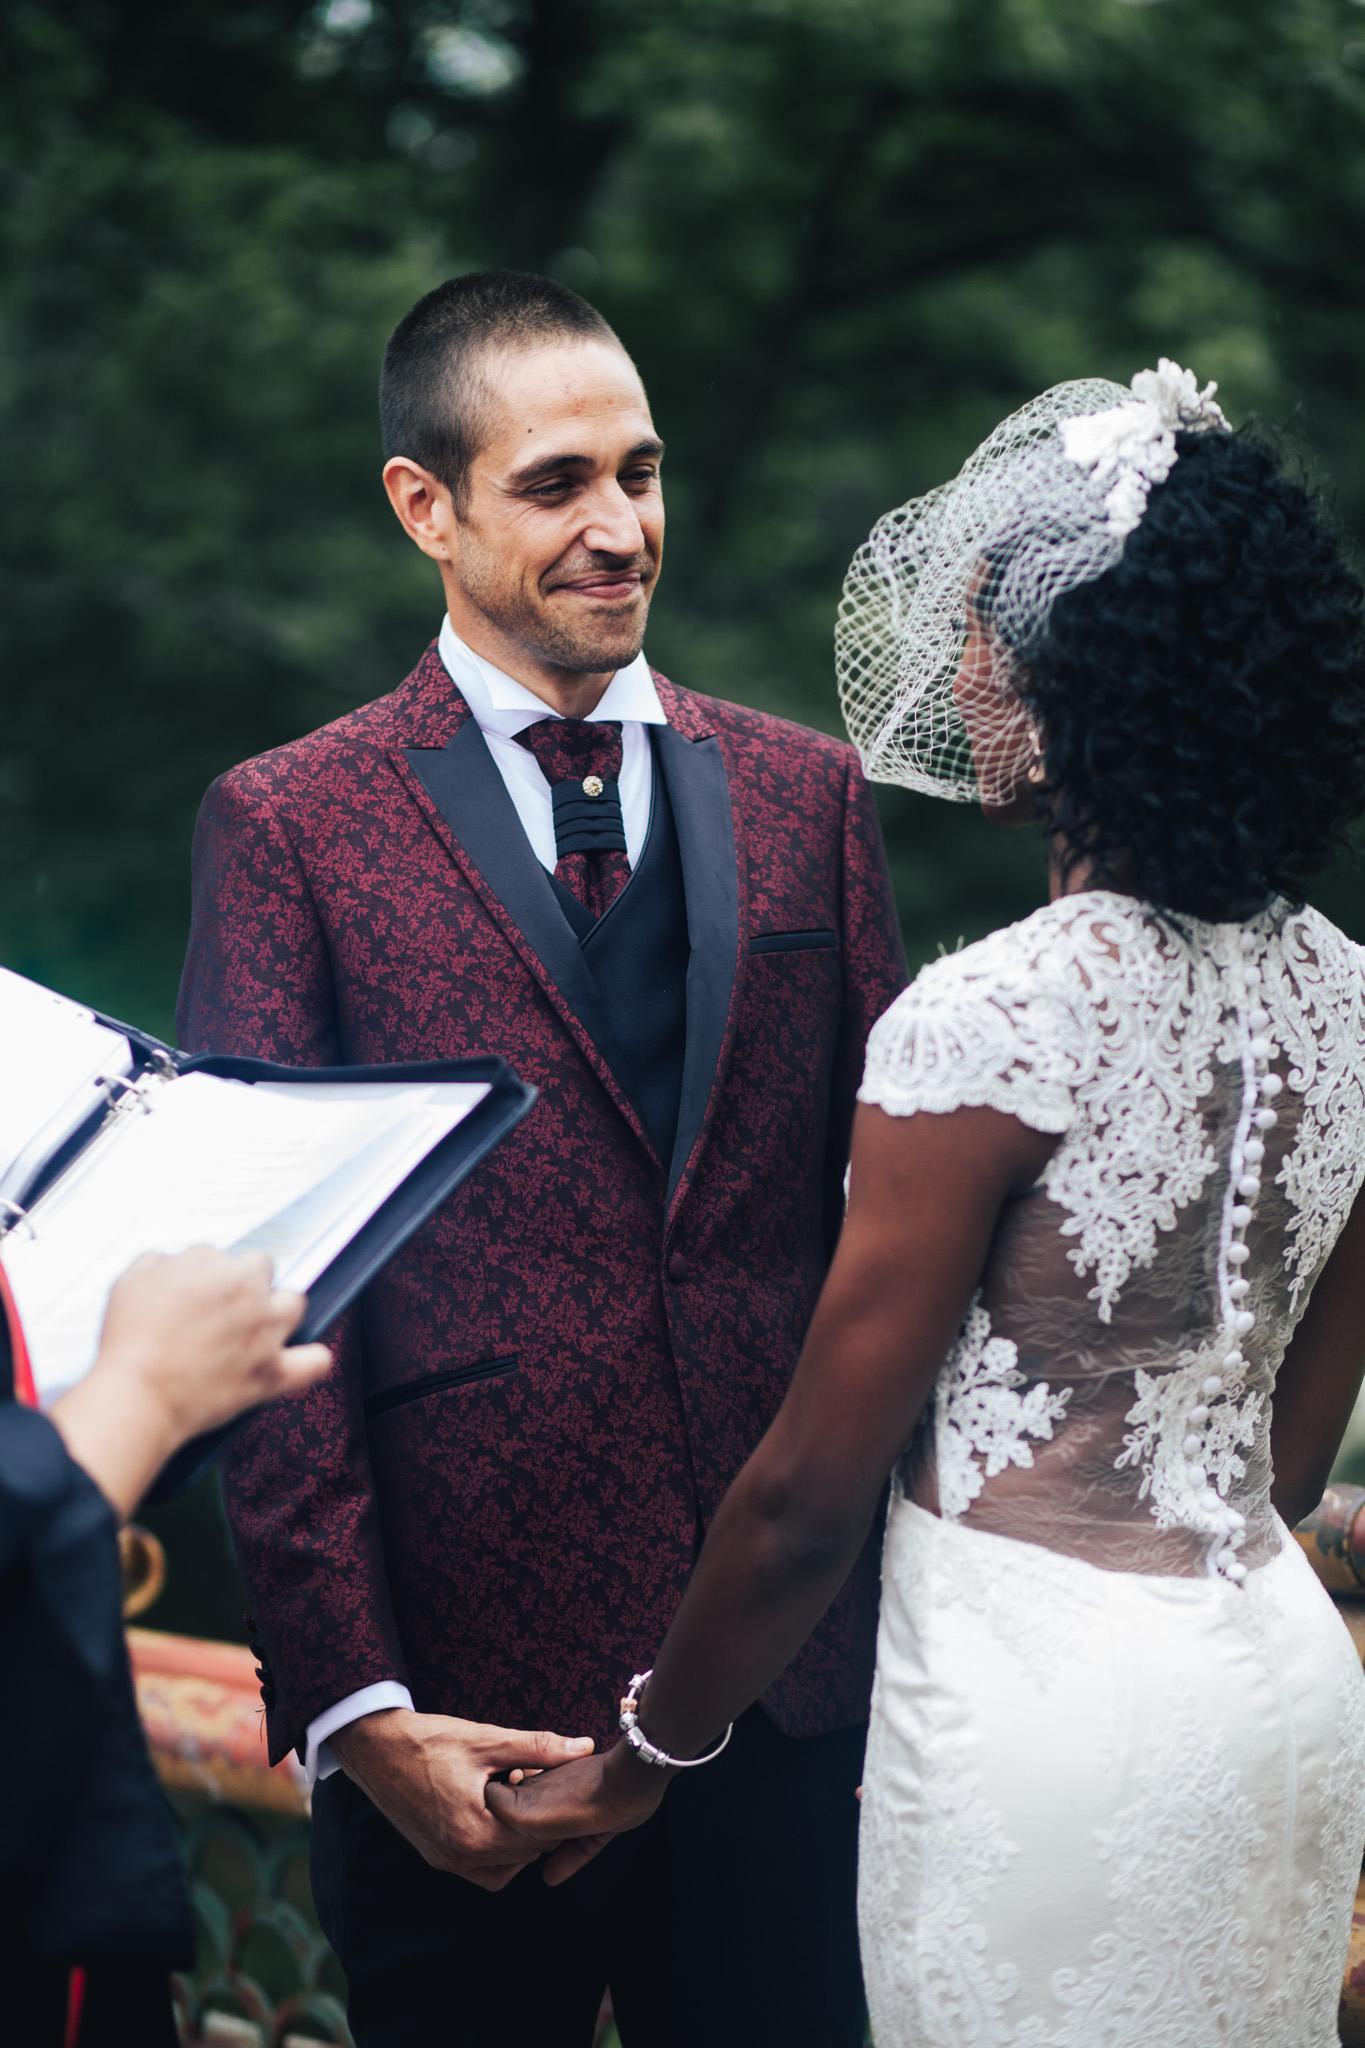 Prospect-Park-Wedding (4 of 10).jpg